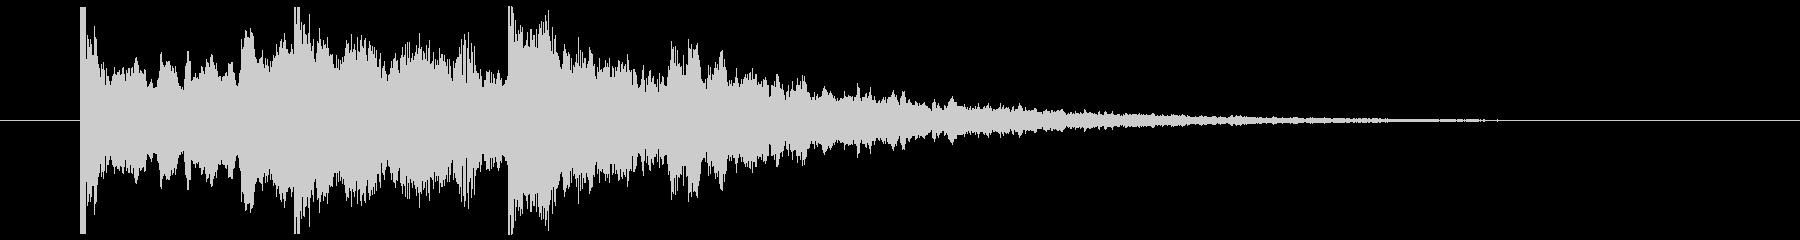 【サウンドロゴ】ベル系シンセ_05の未再生の波形